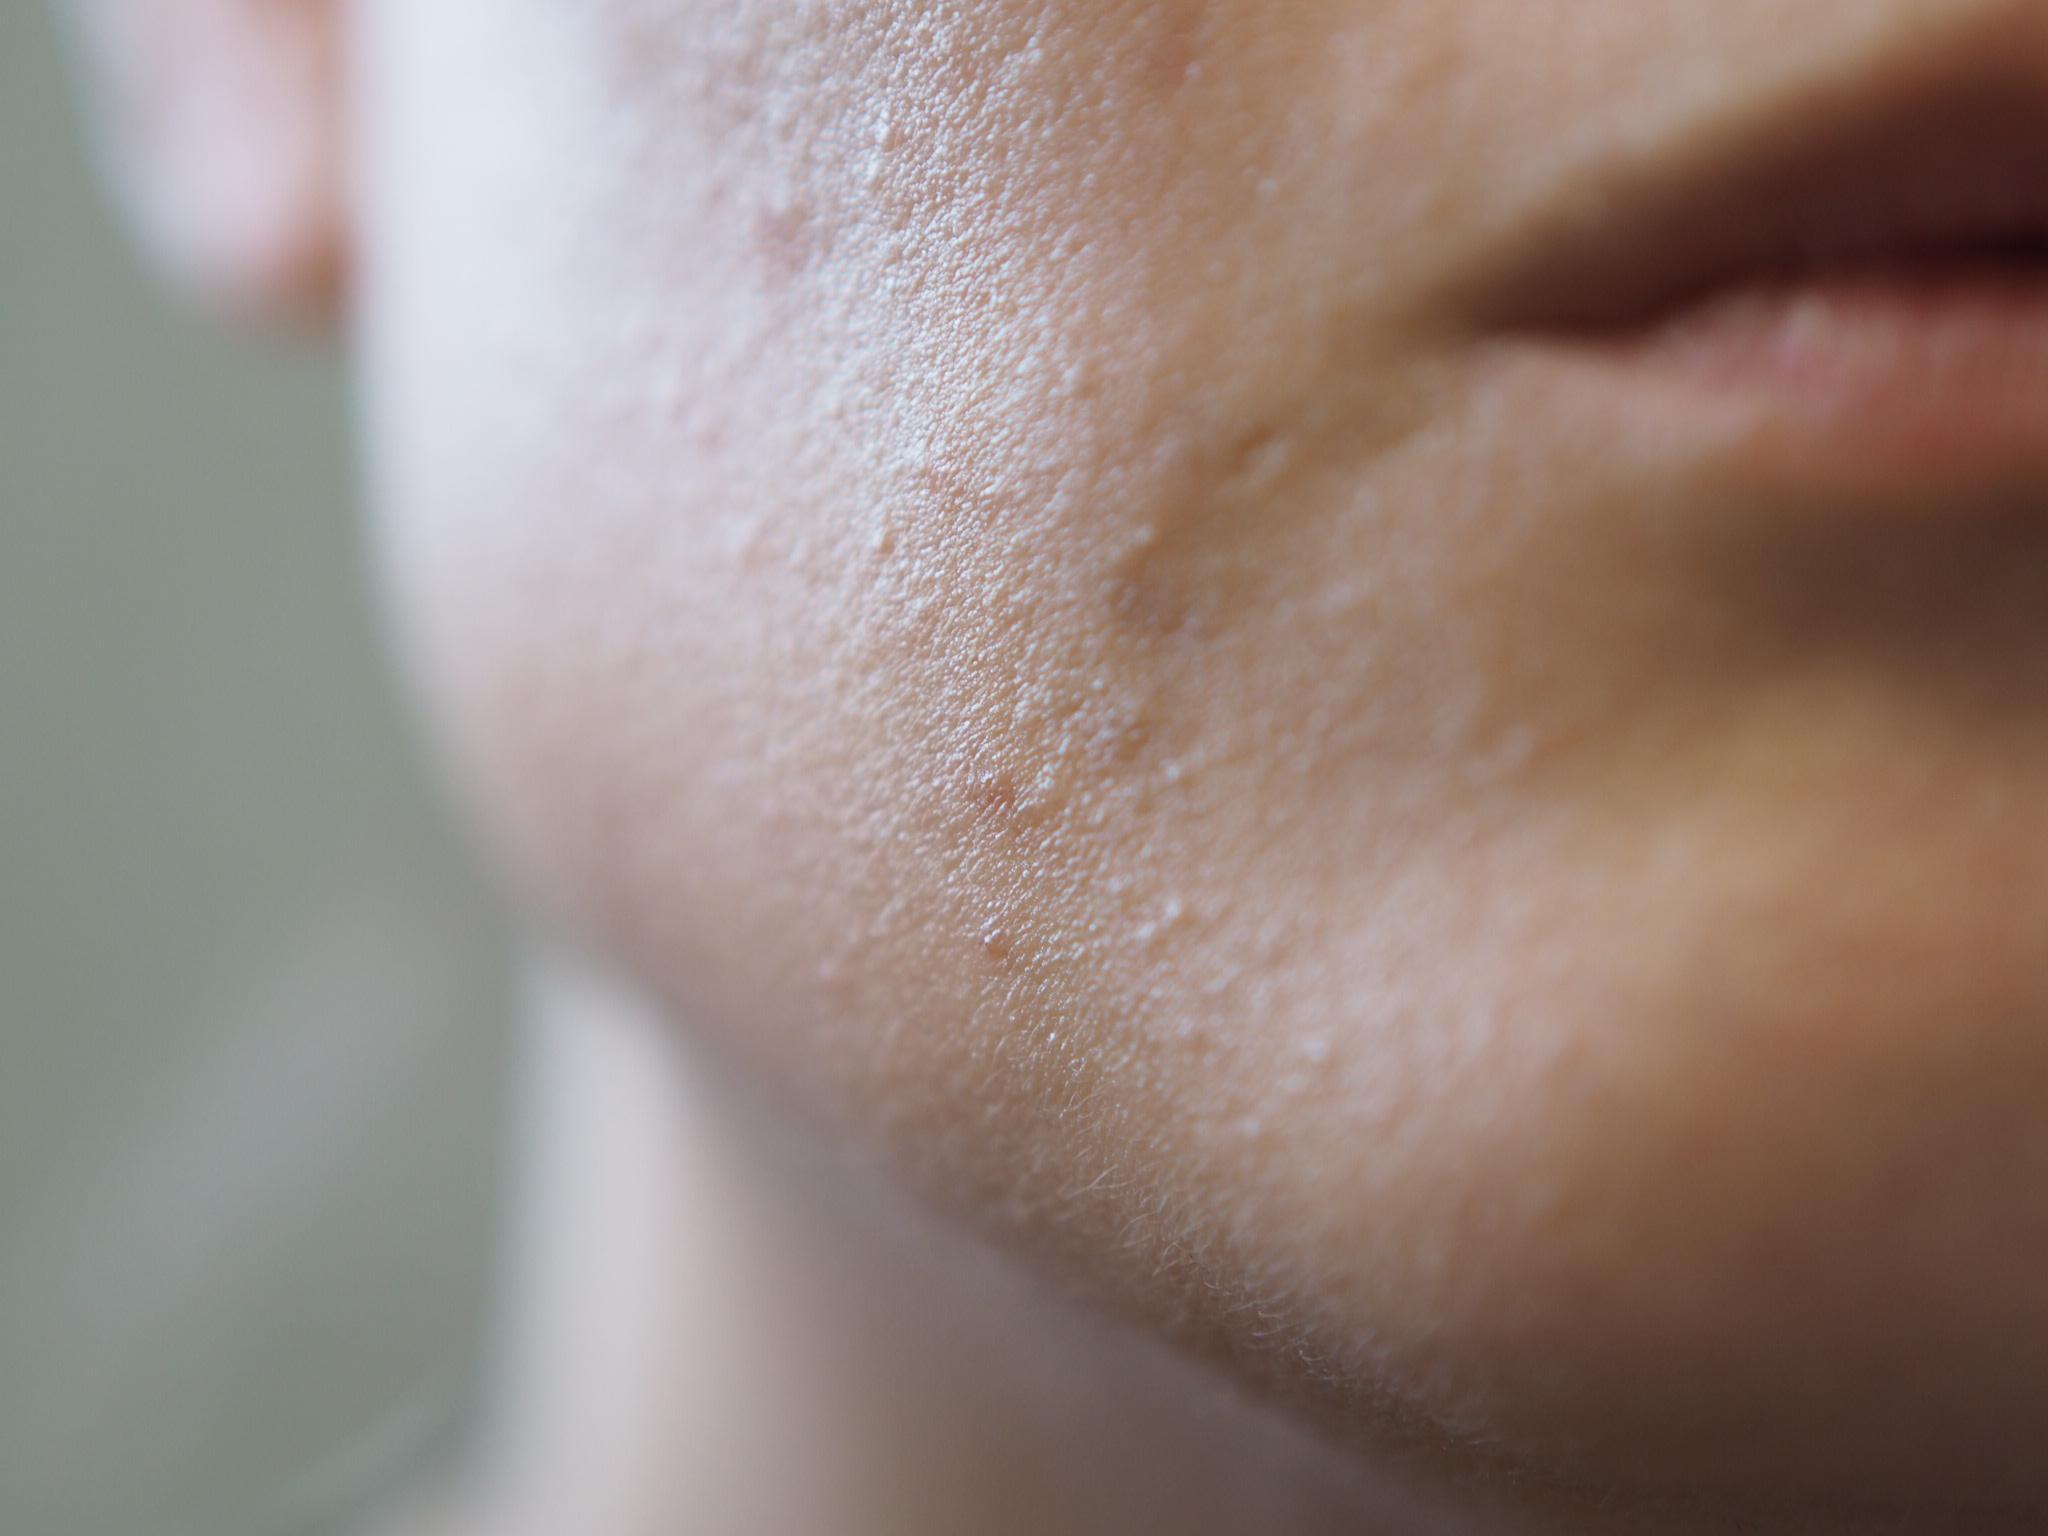 knottrig hud i ansiktet